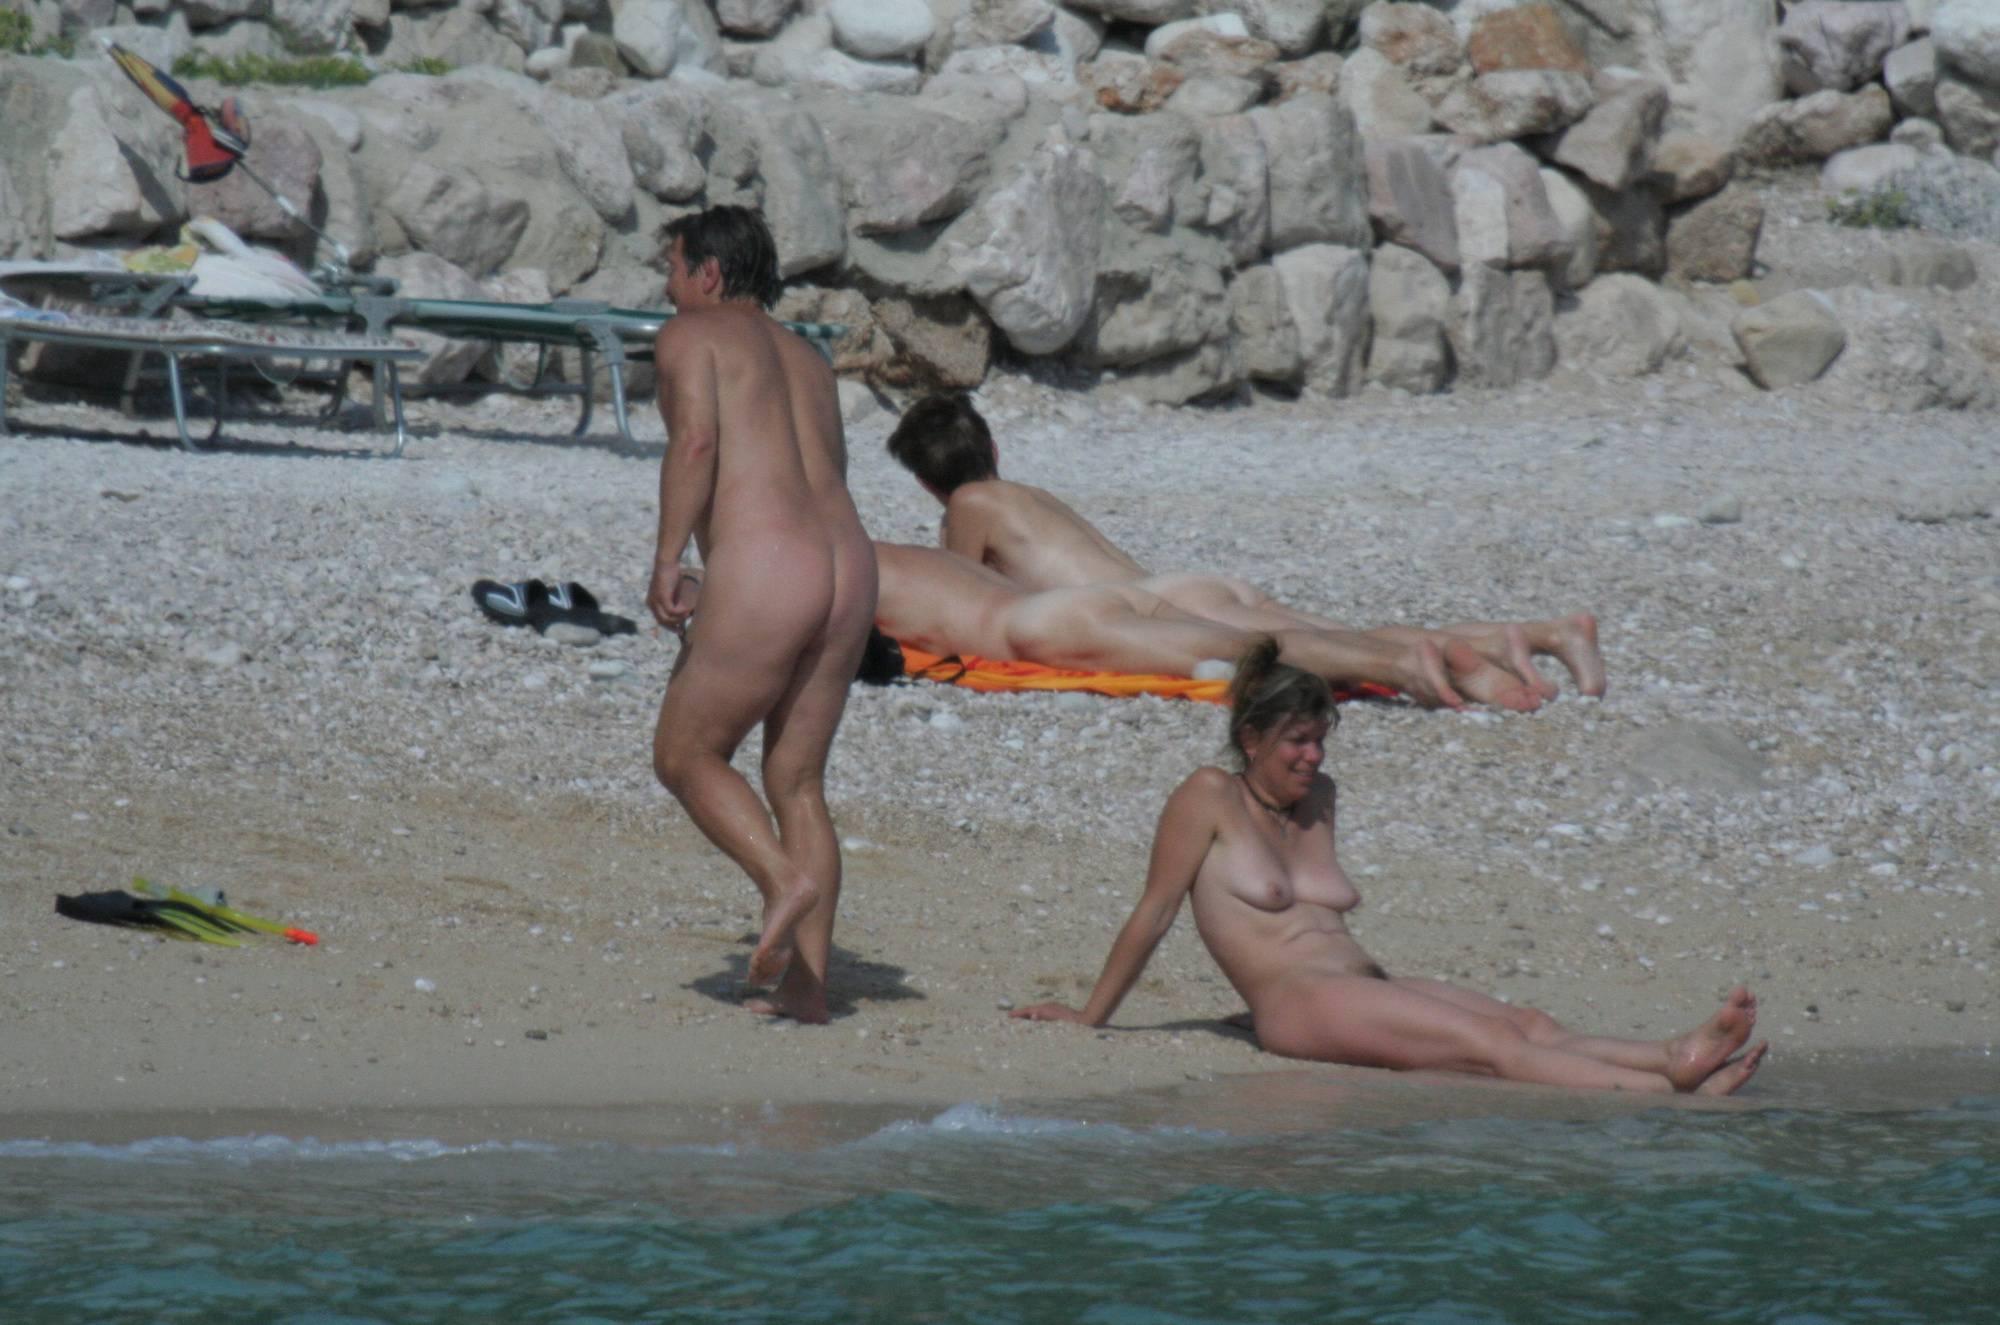 Croatian Baska Beach Visit - 2